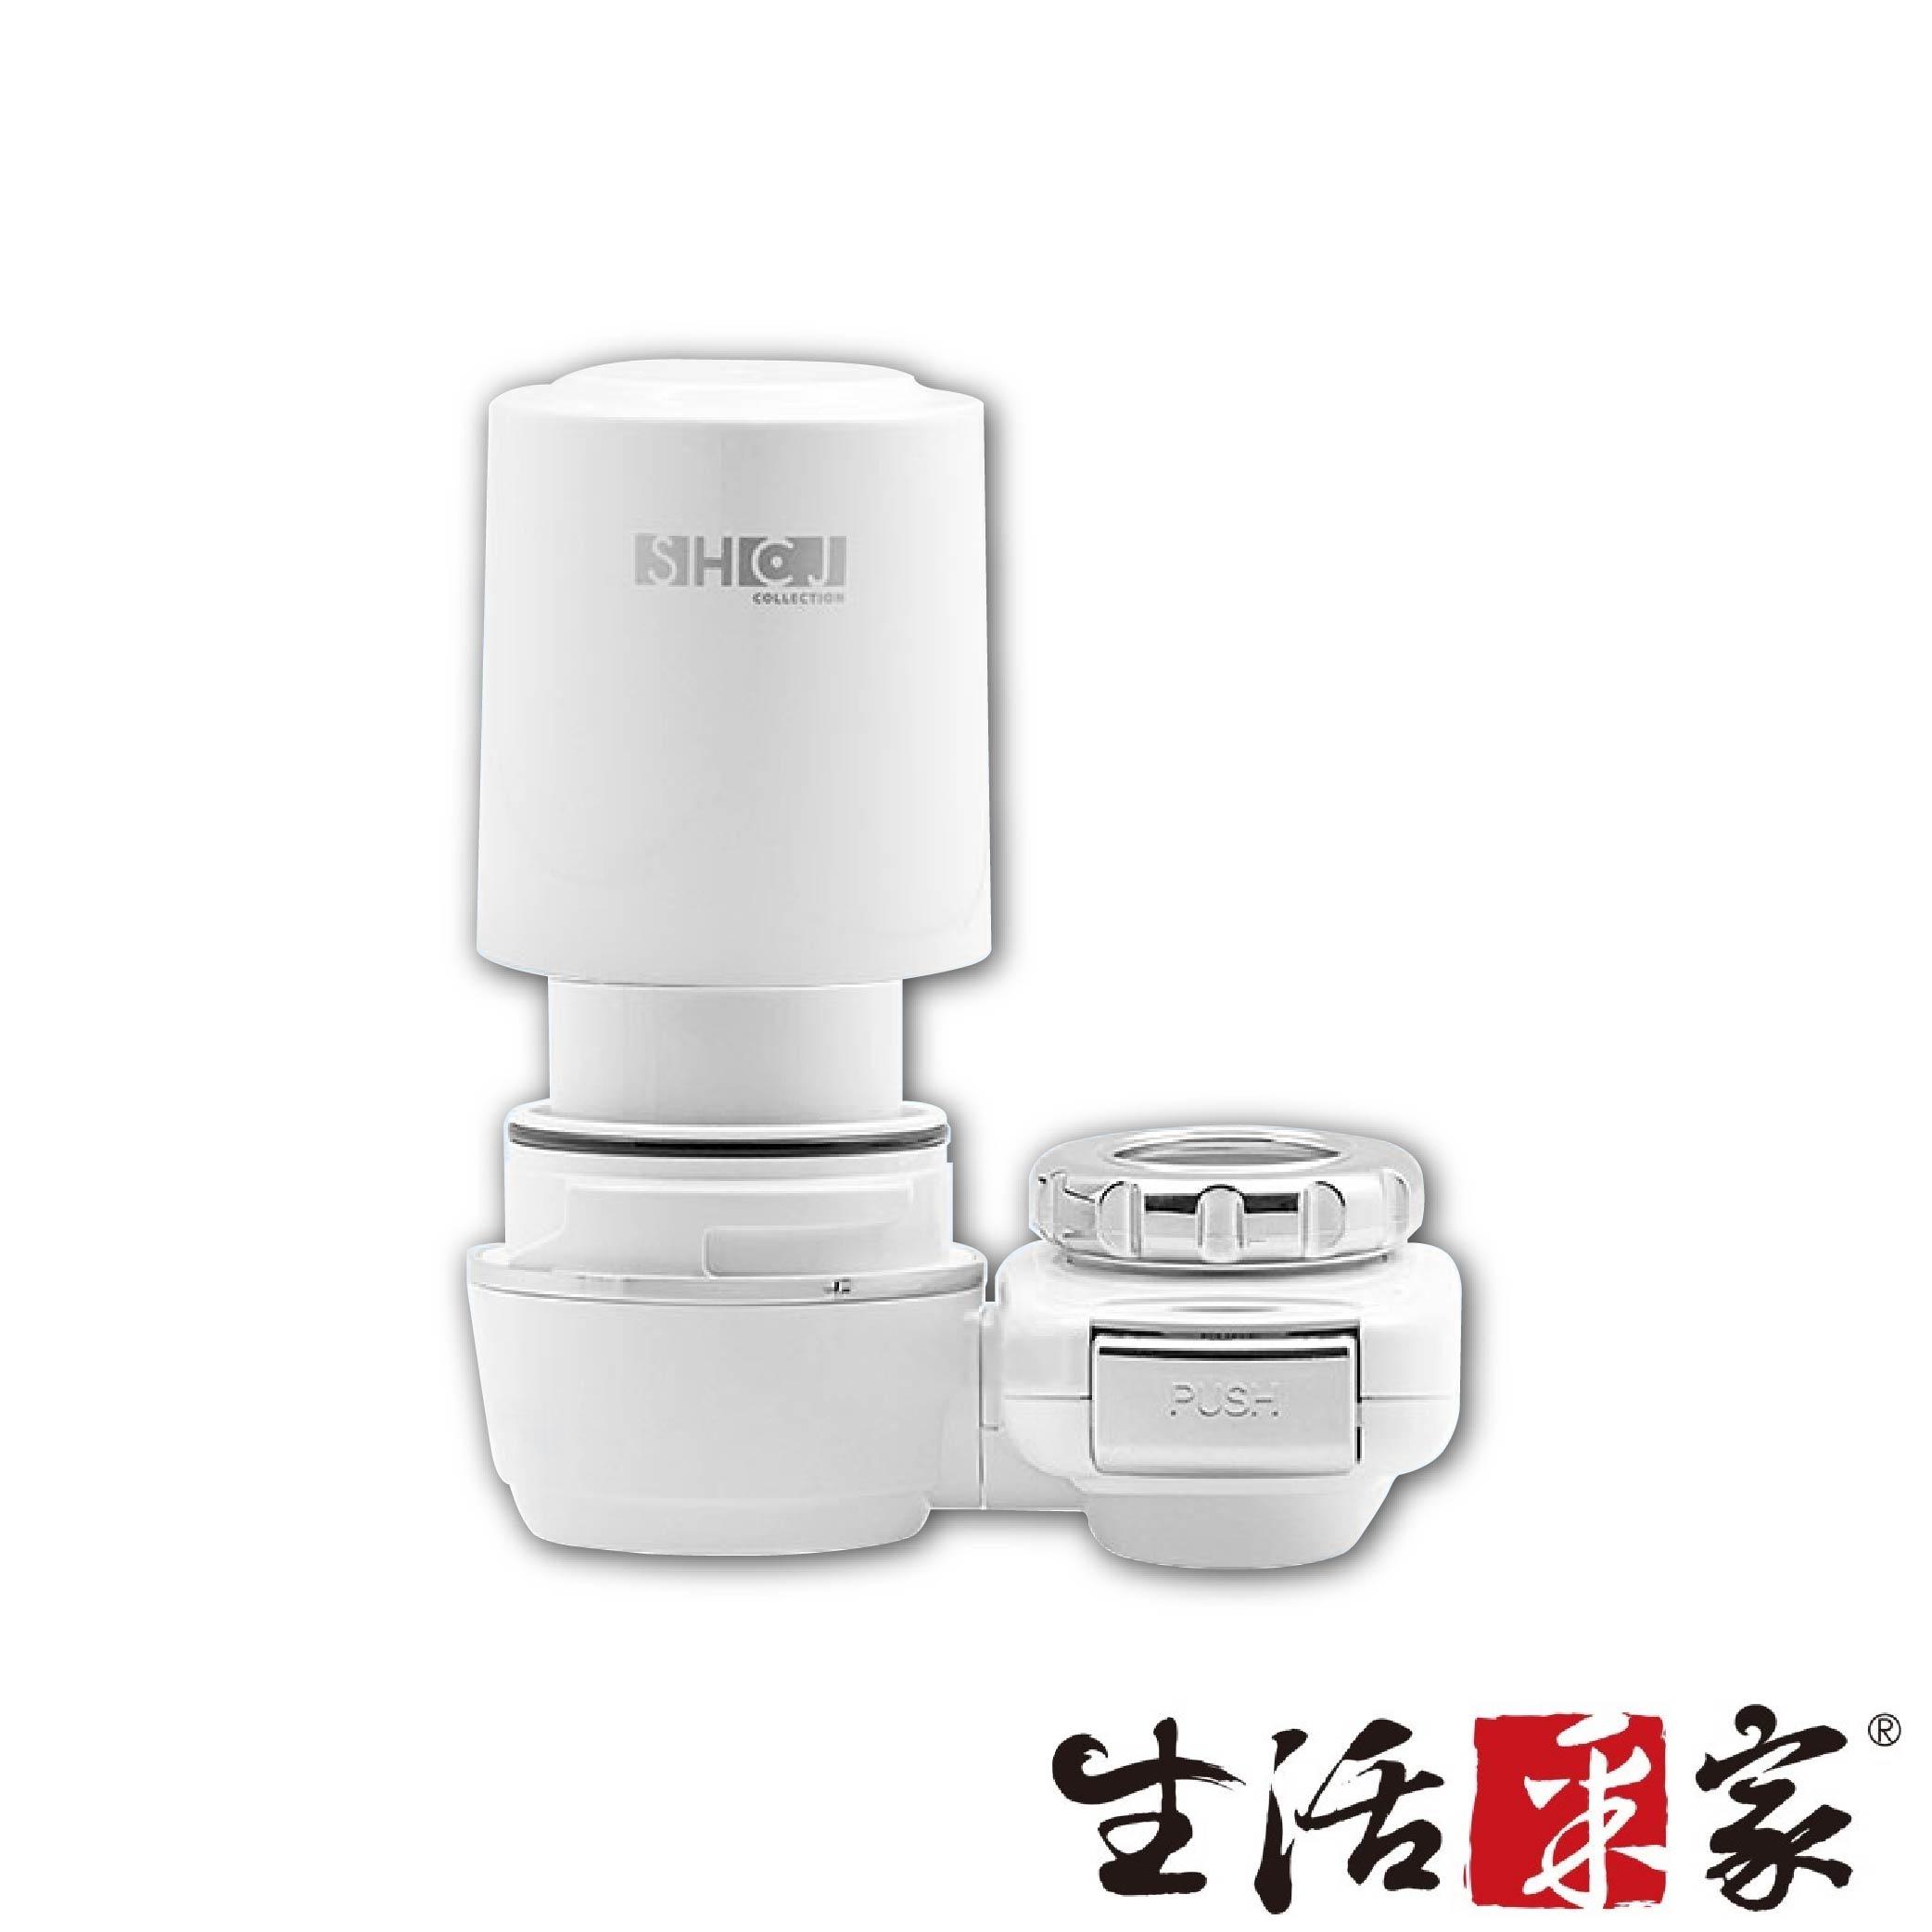 【SHCJ】水龍頭超濾淨水過濾器